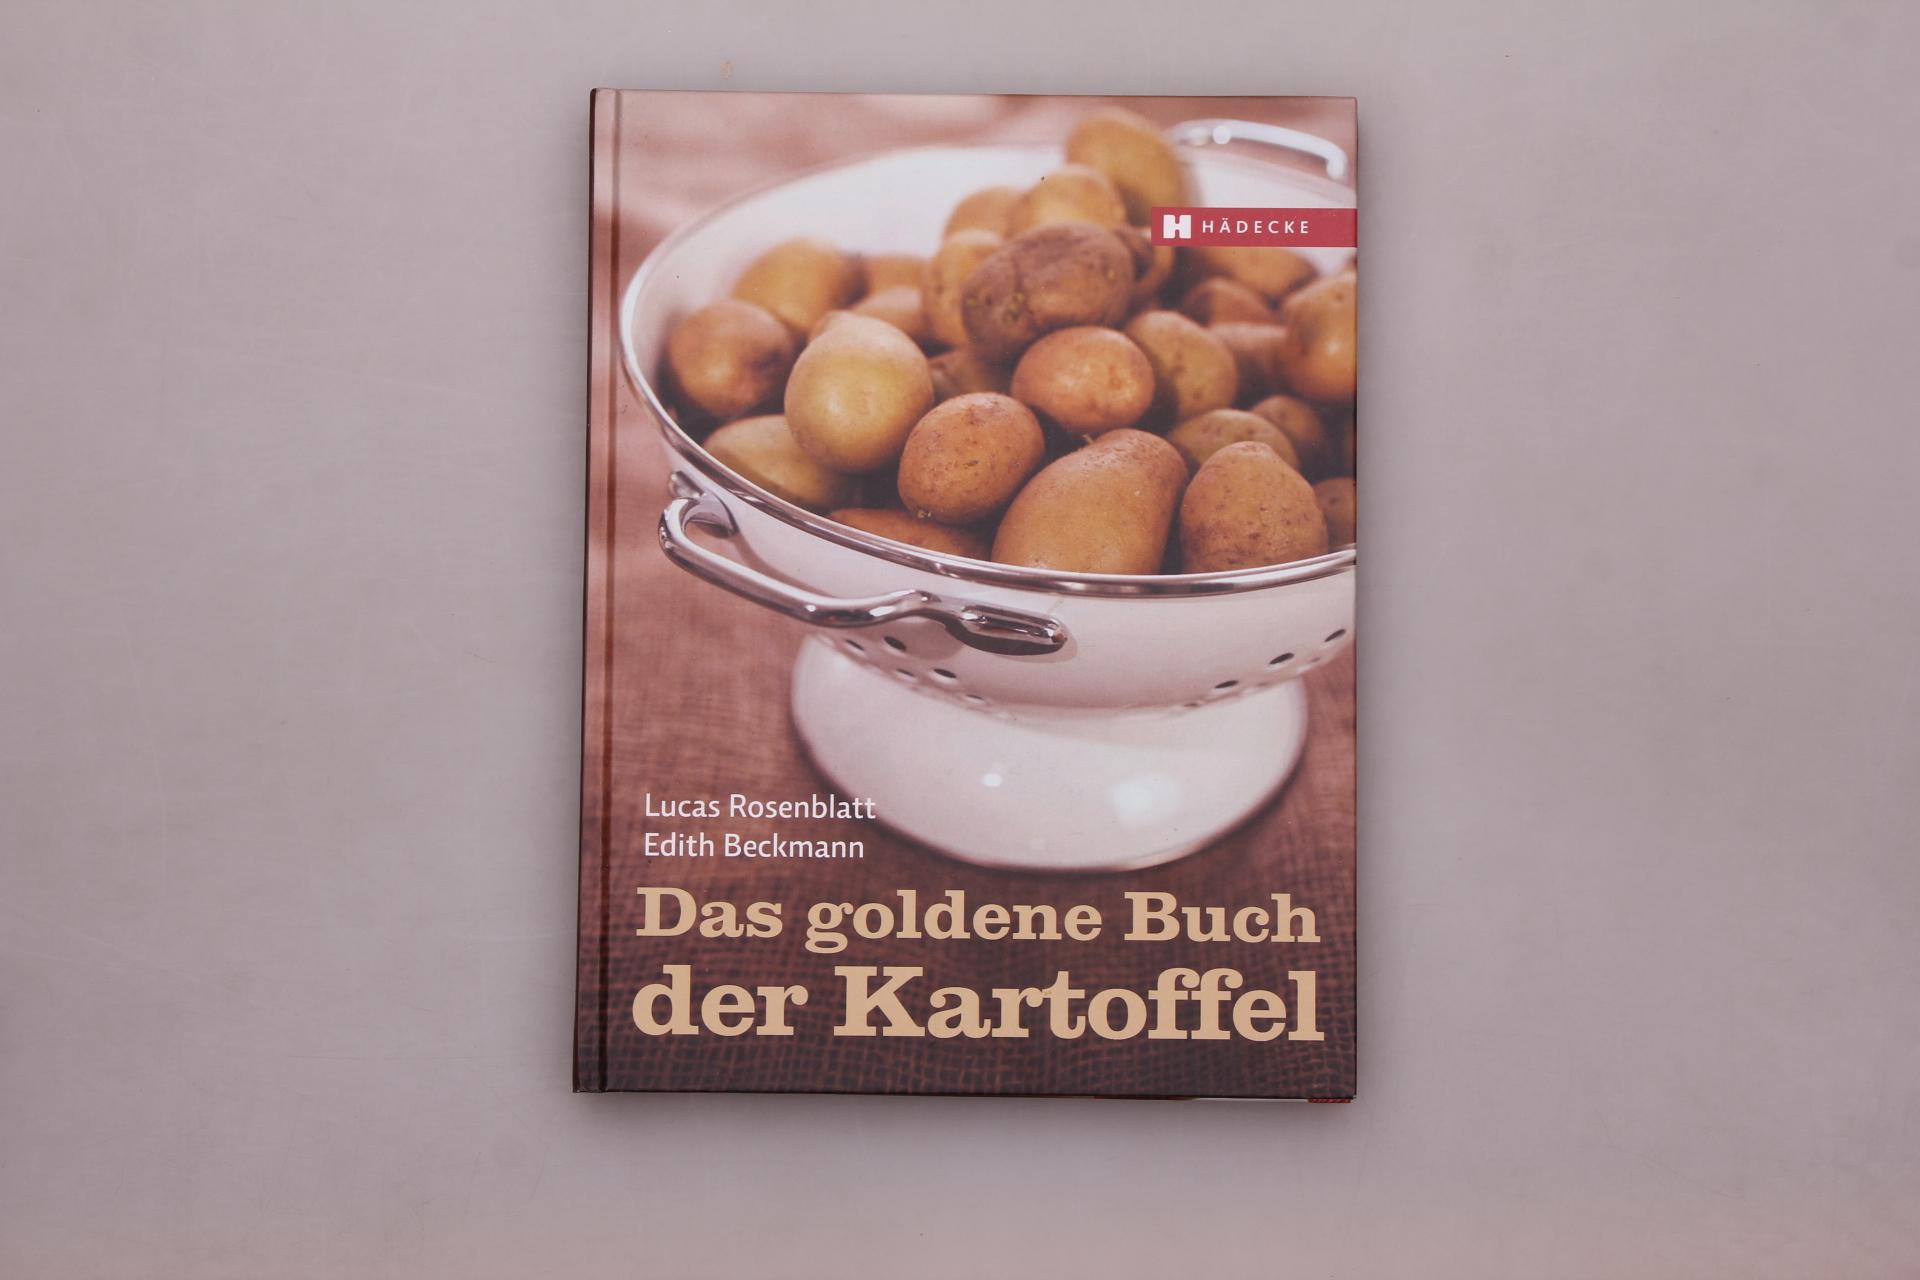 DAS GOLDENE BUCH DER KARTOFFEL